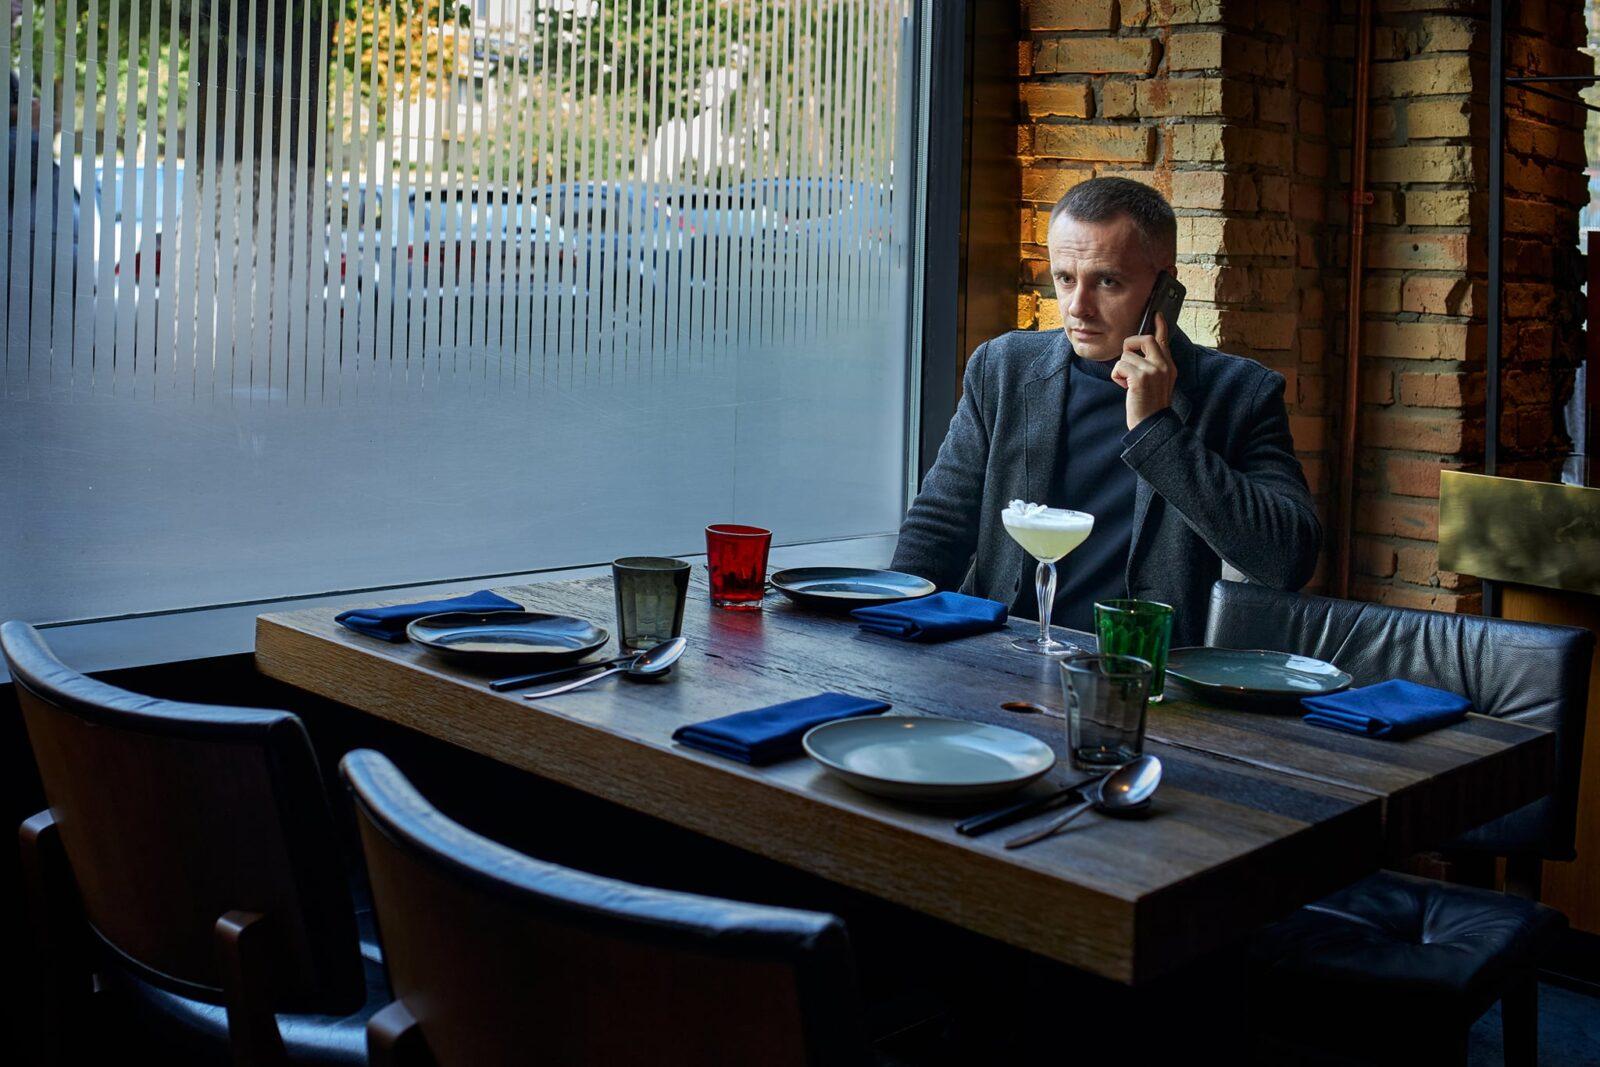 Бизнес портрет в офисе или студии. Деловая фотосессия на выезде и в студии